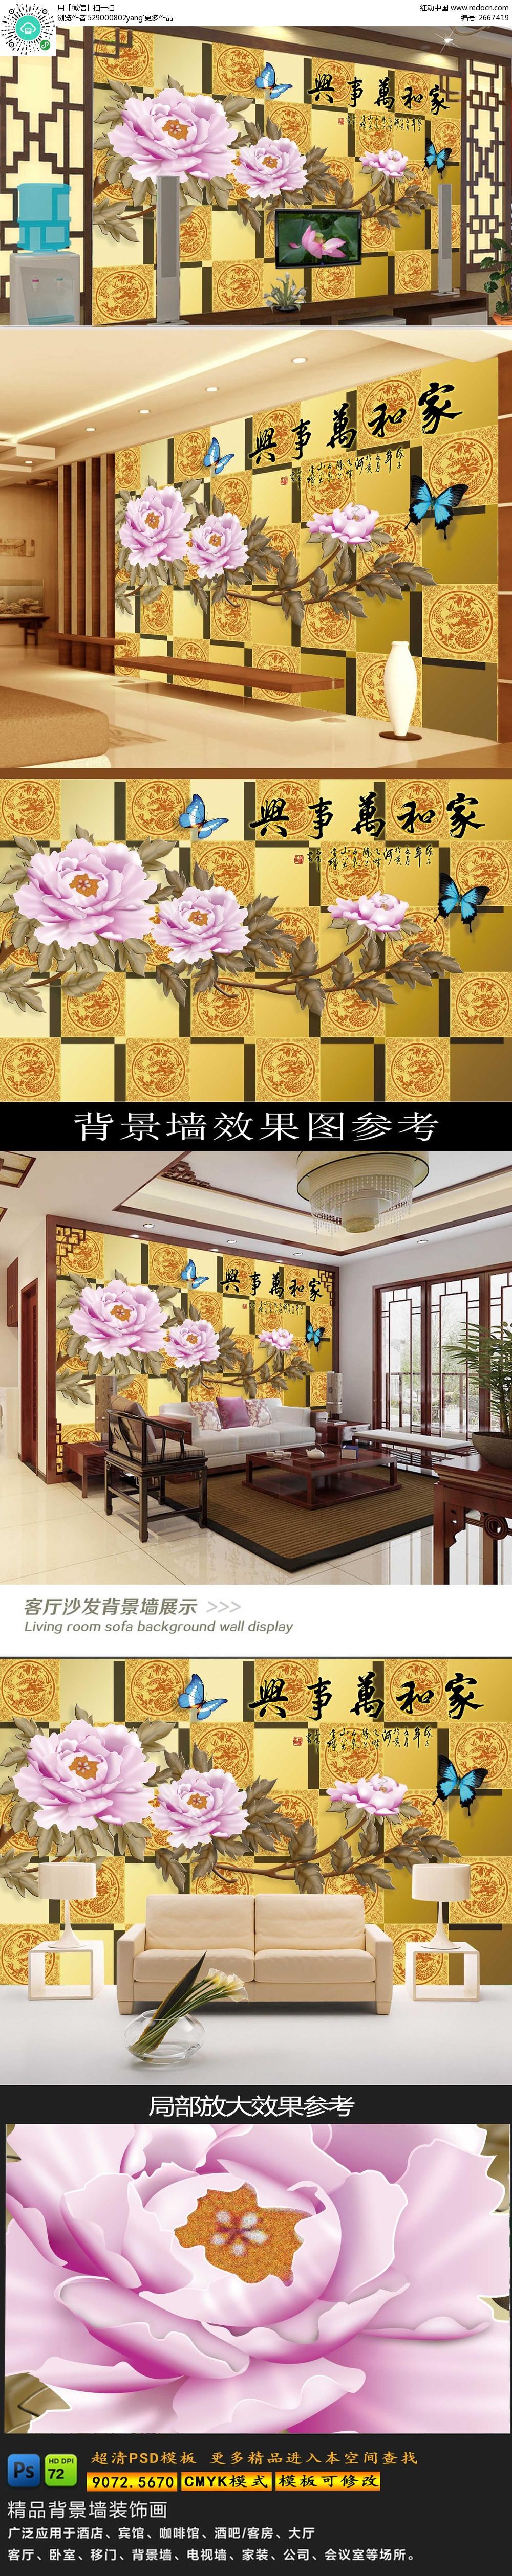 家和万事兴牡丹花中式背景墙图片素材图片